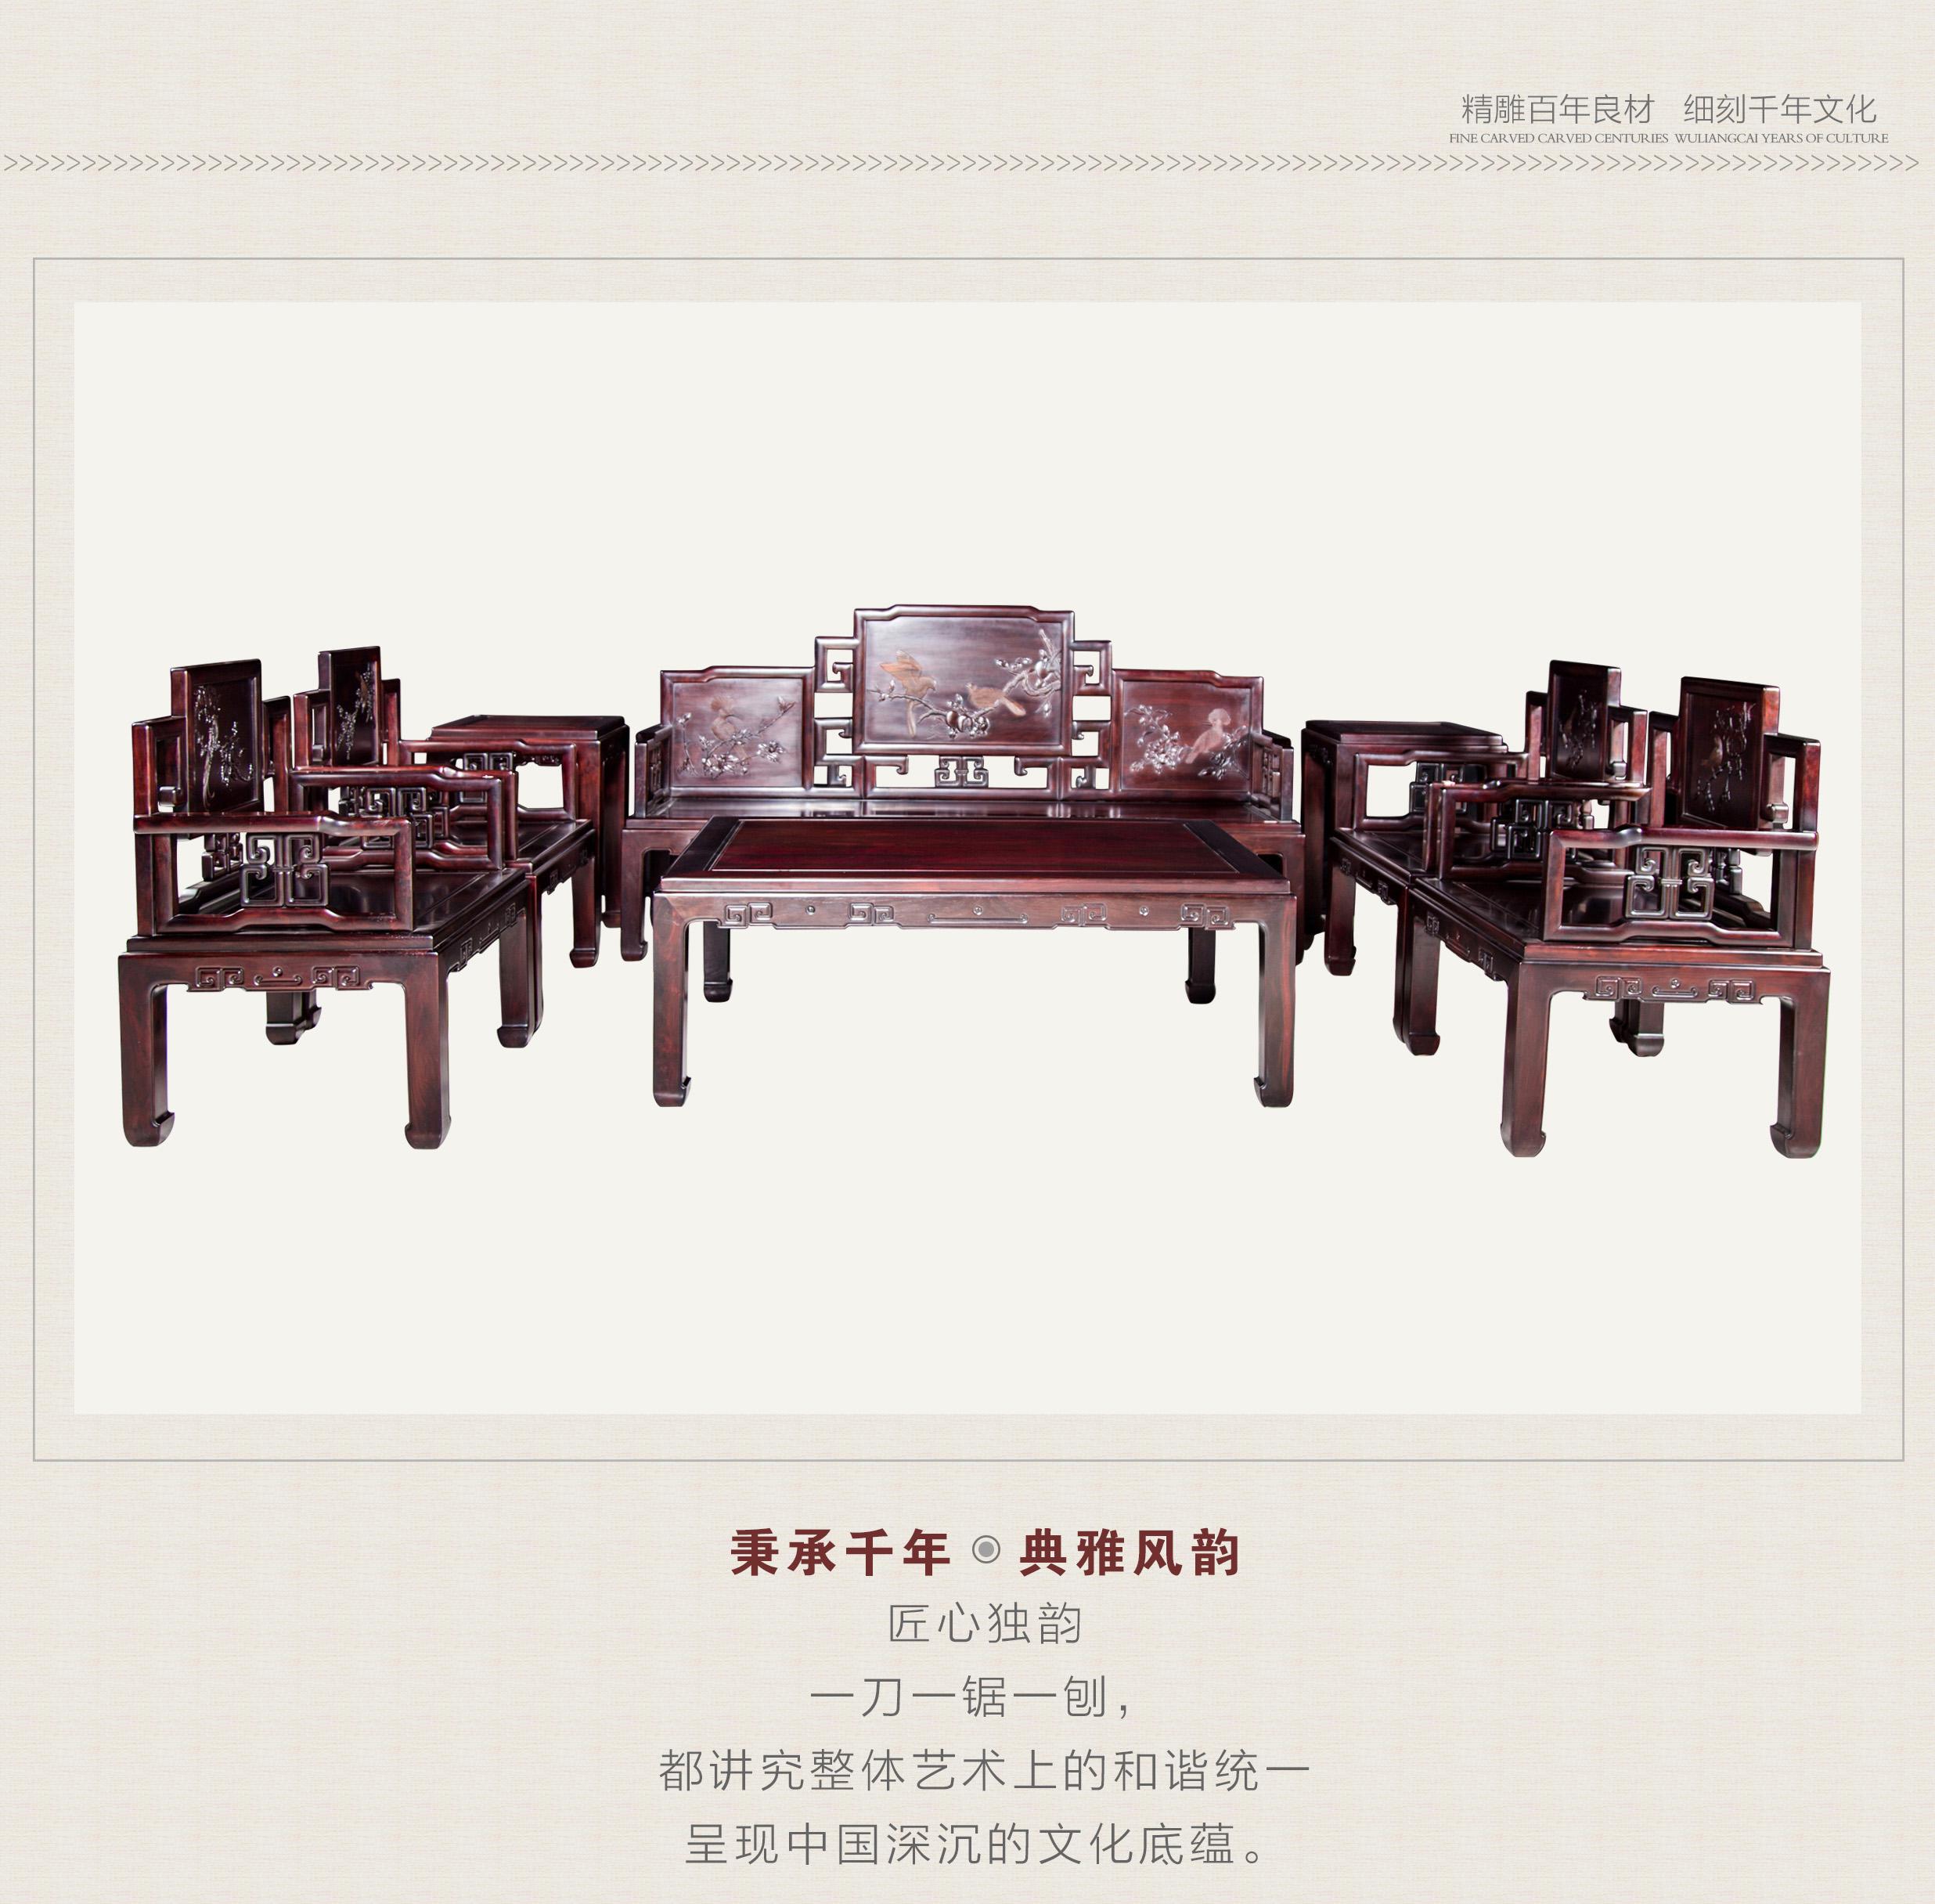 明式沙发八件套_04副本.jpg